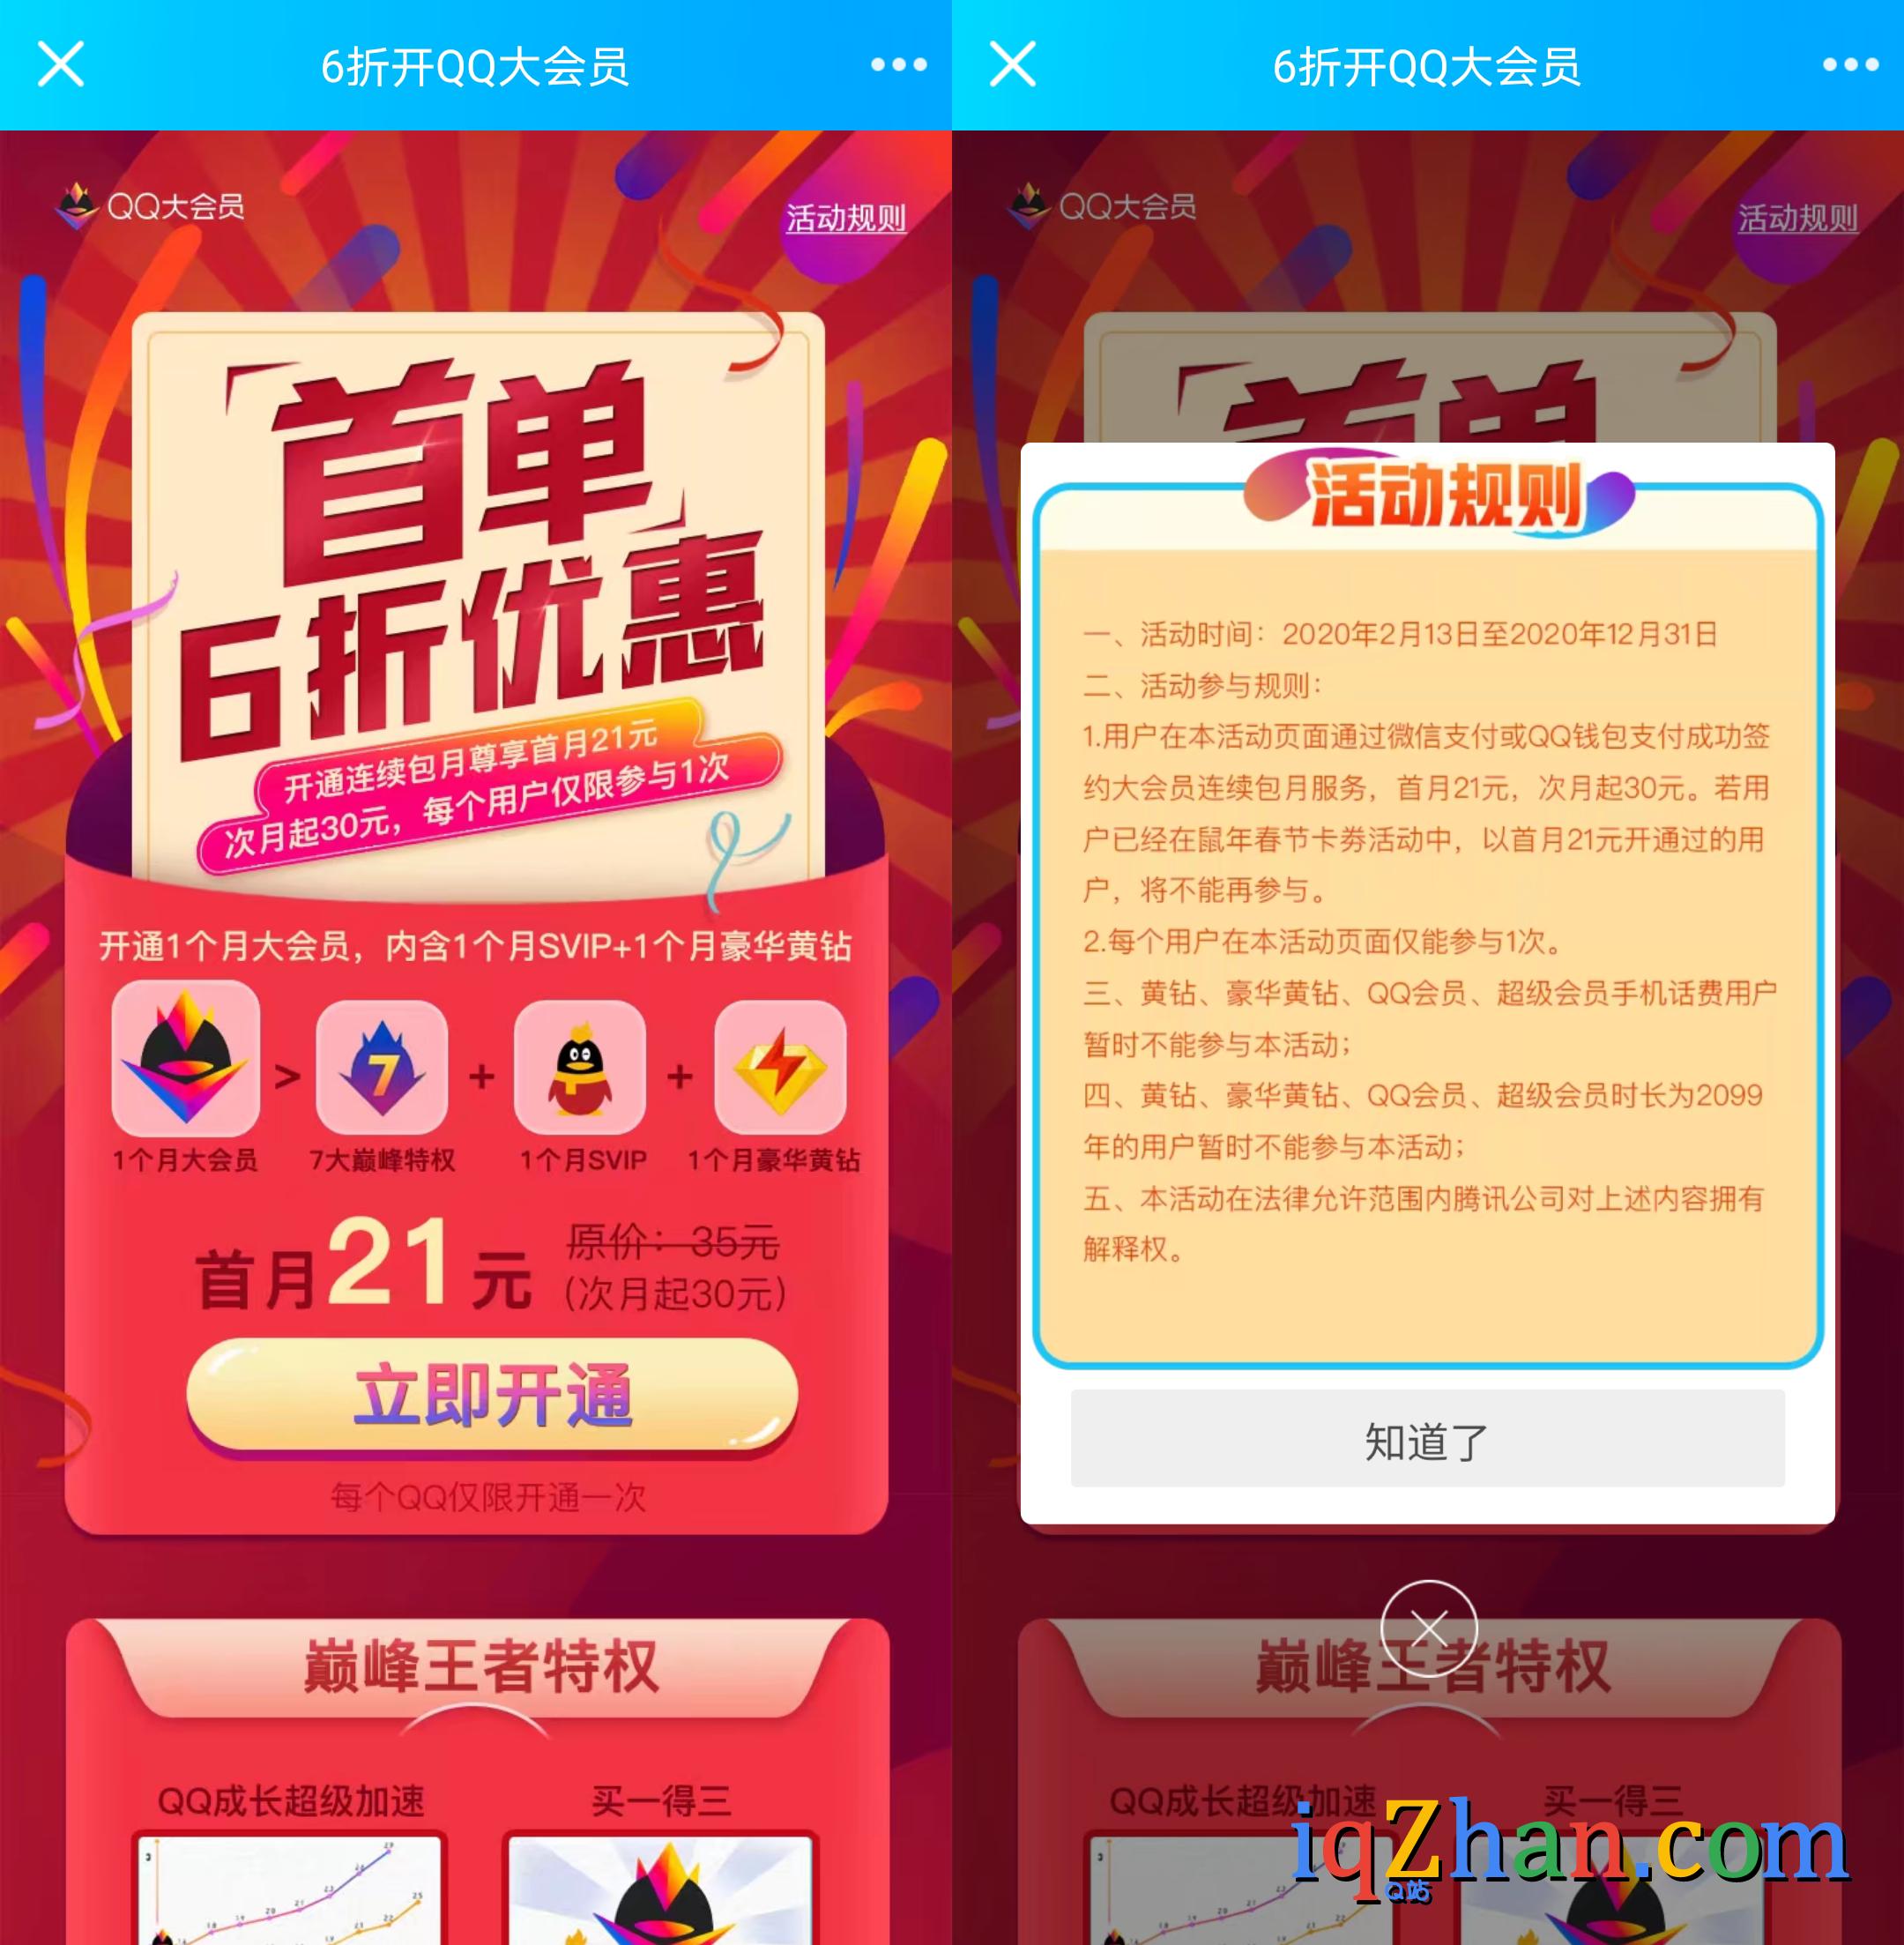 21元开通腾讯QQ大会员、超会、红钻、豪华黄钻各一月活动